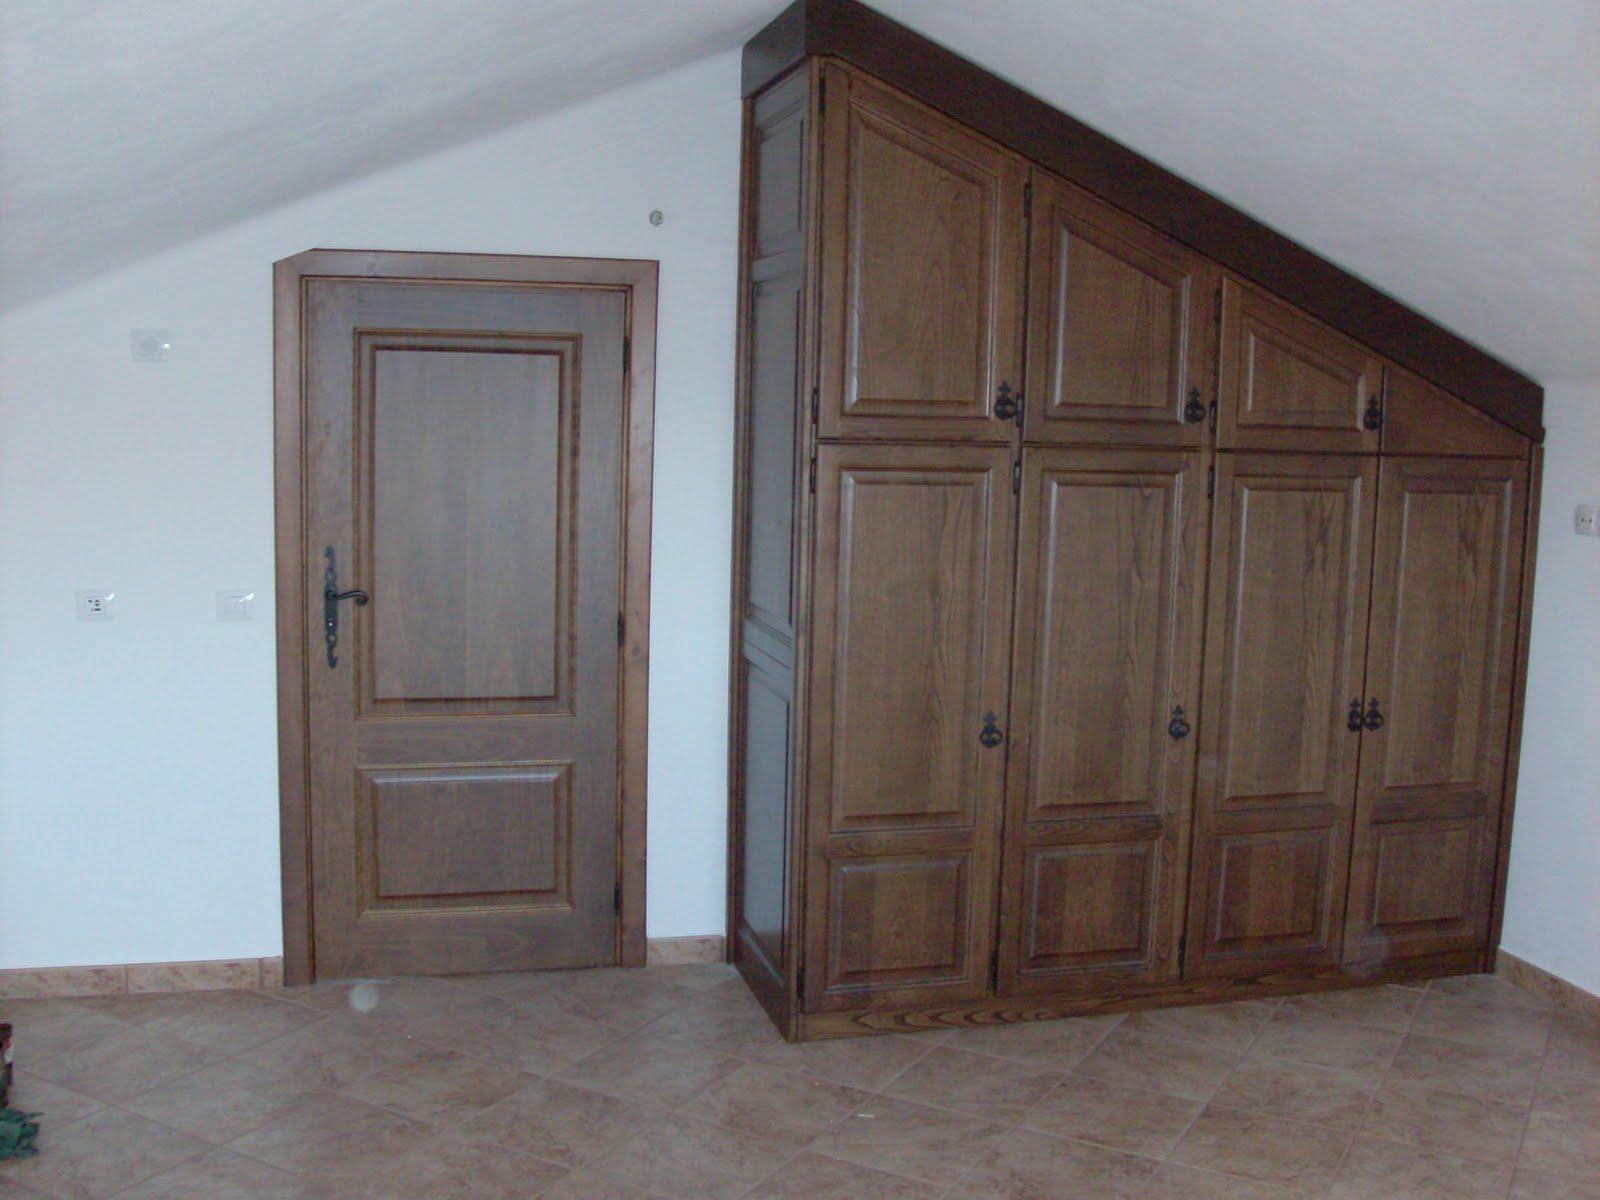 #4E6A7D Móveis Alegre Torres Lda: Roupeiros linha rústica 1432 Reparação Vidros Janelas